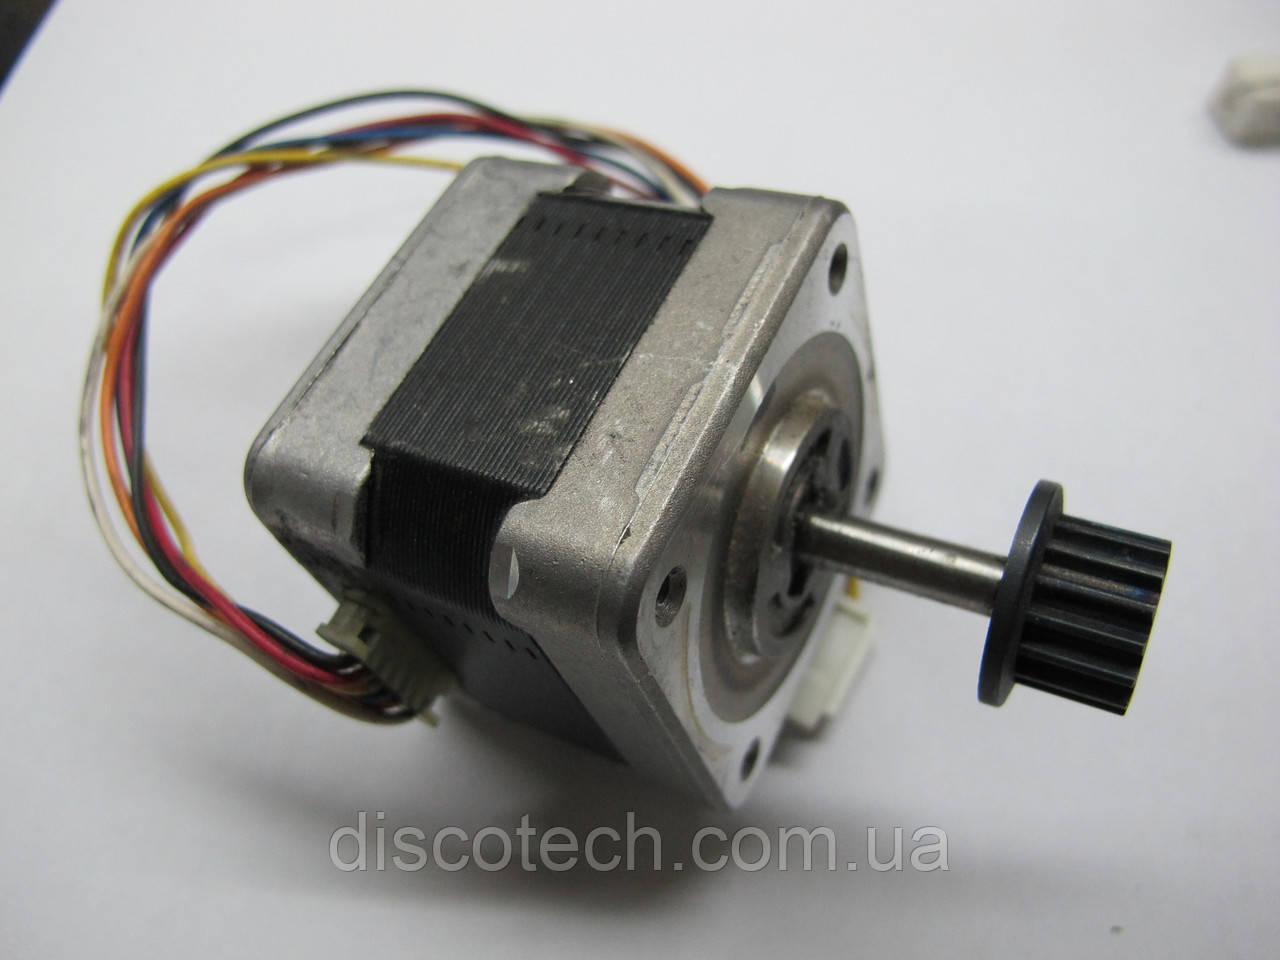 Двигатель шаговый уп 1,8 ф5,0/  8,4 Ом 103-547-5042